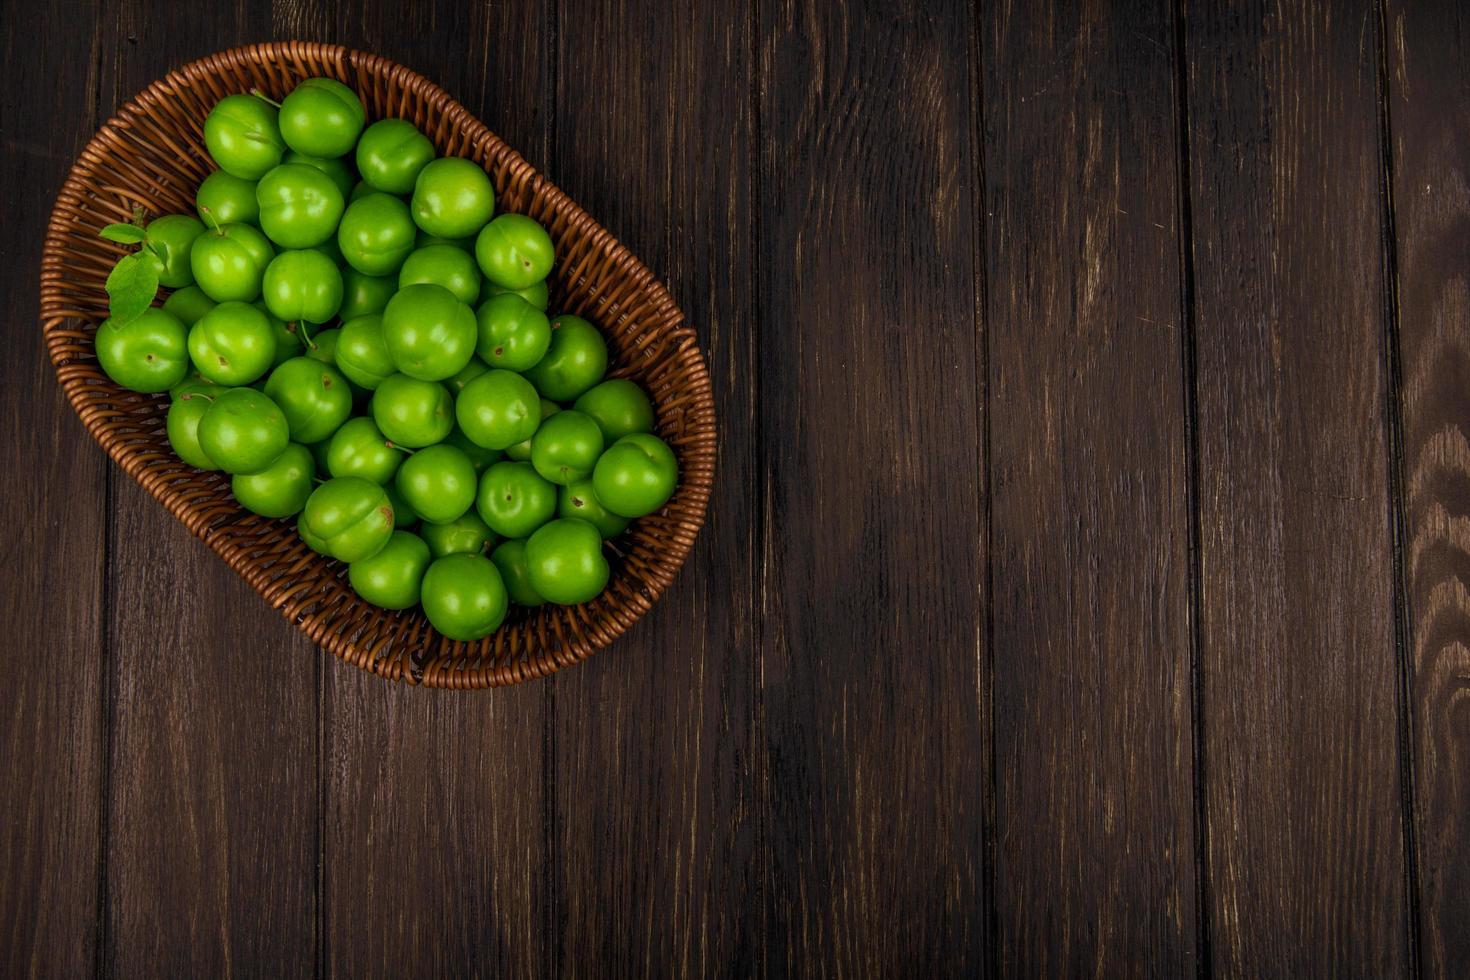 Draufsicht der grünen sauren Pflaumen in einem Weidenkorb auf dunklem hölzernem Hintergrund foto